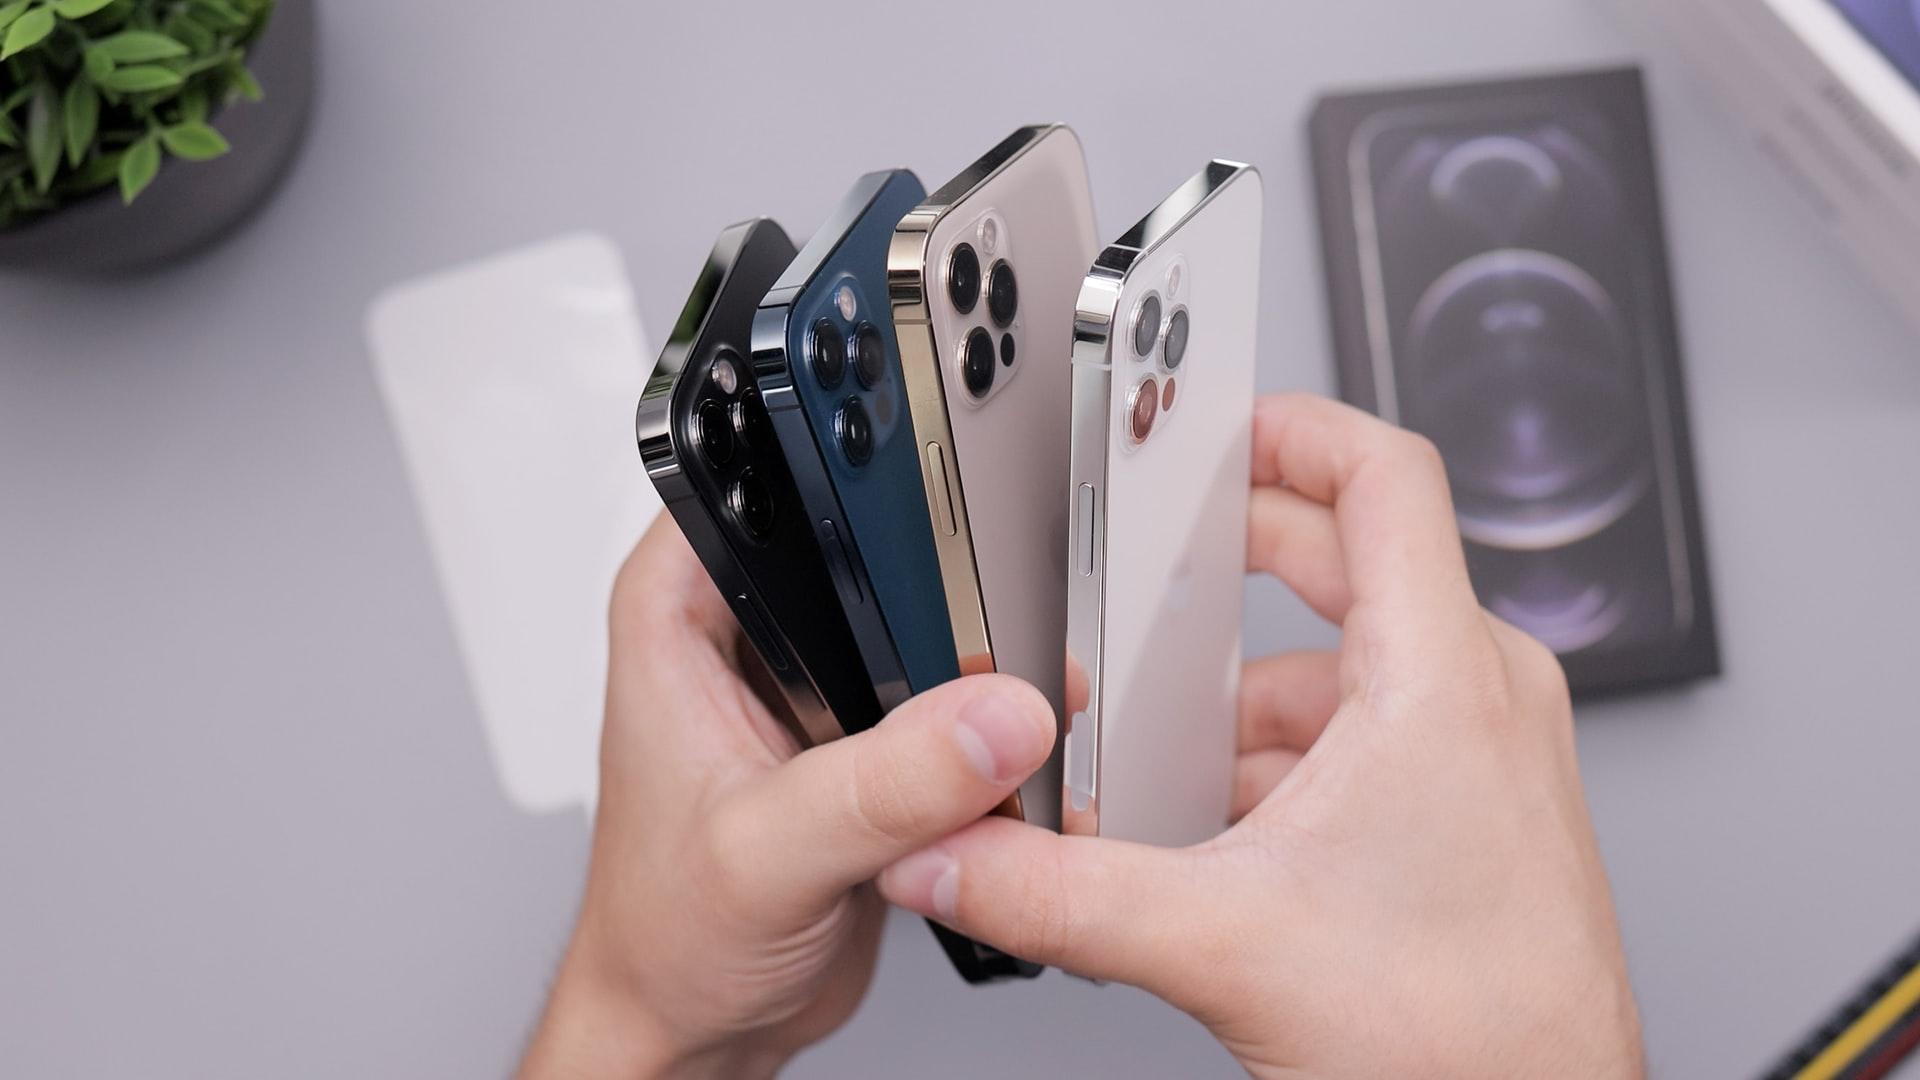 Top 7 Reasons Why People Choose iPhones